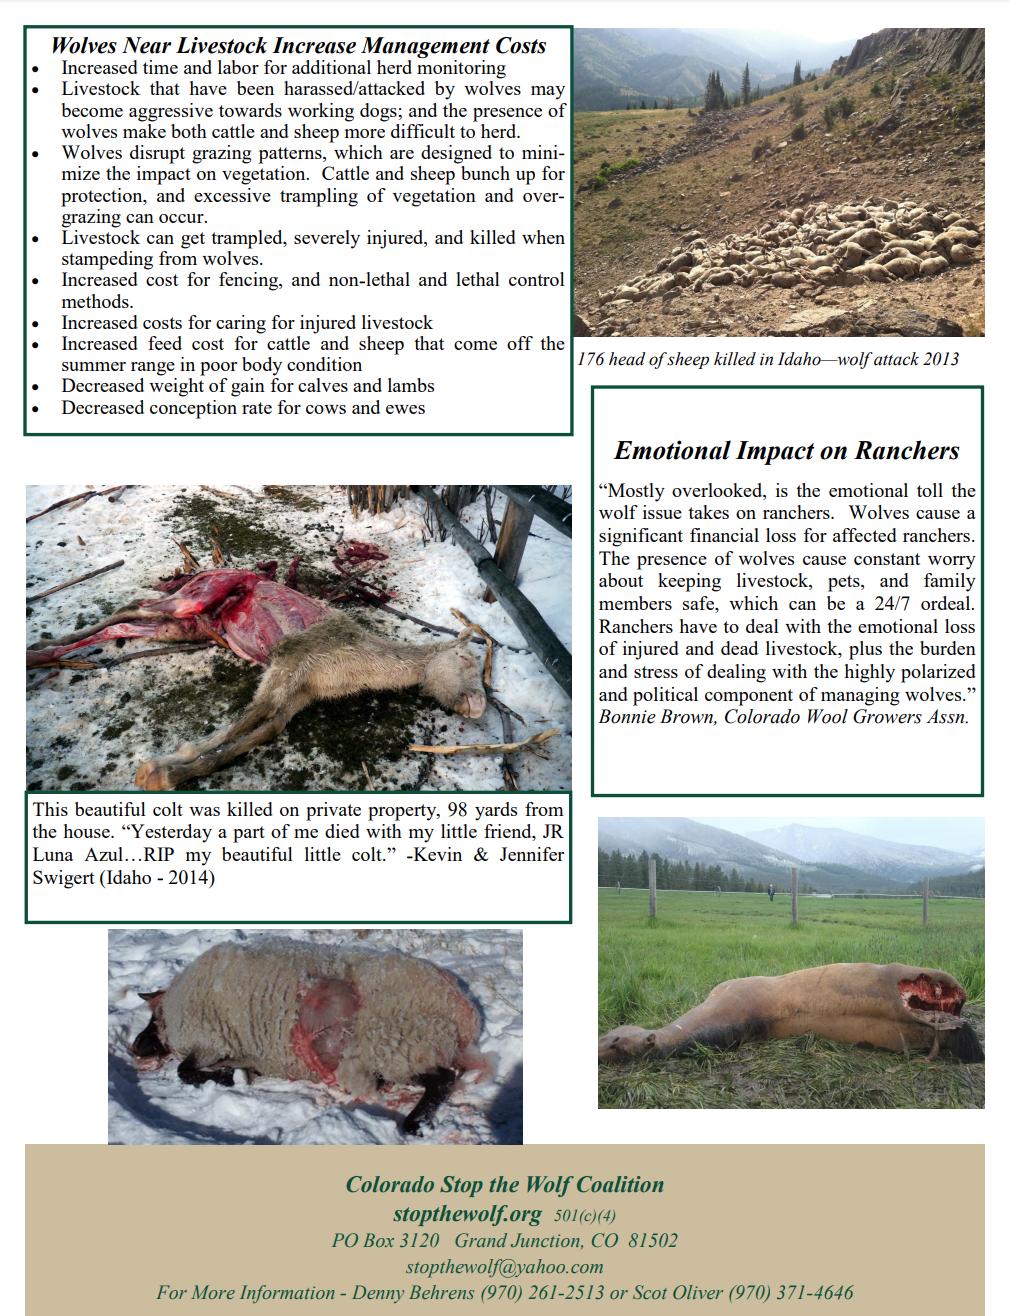 wolves threaten livestock